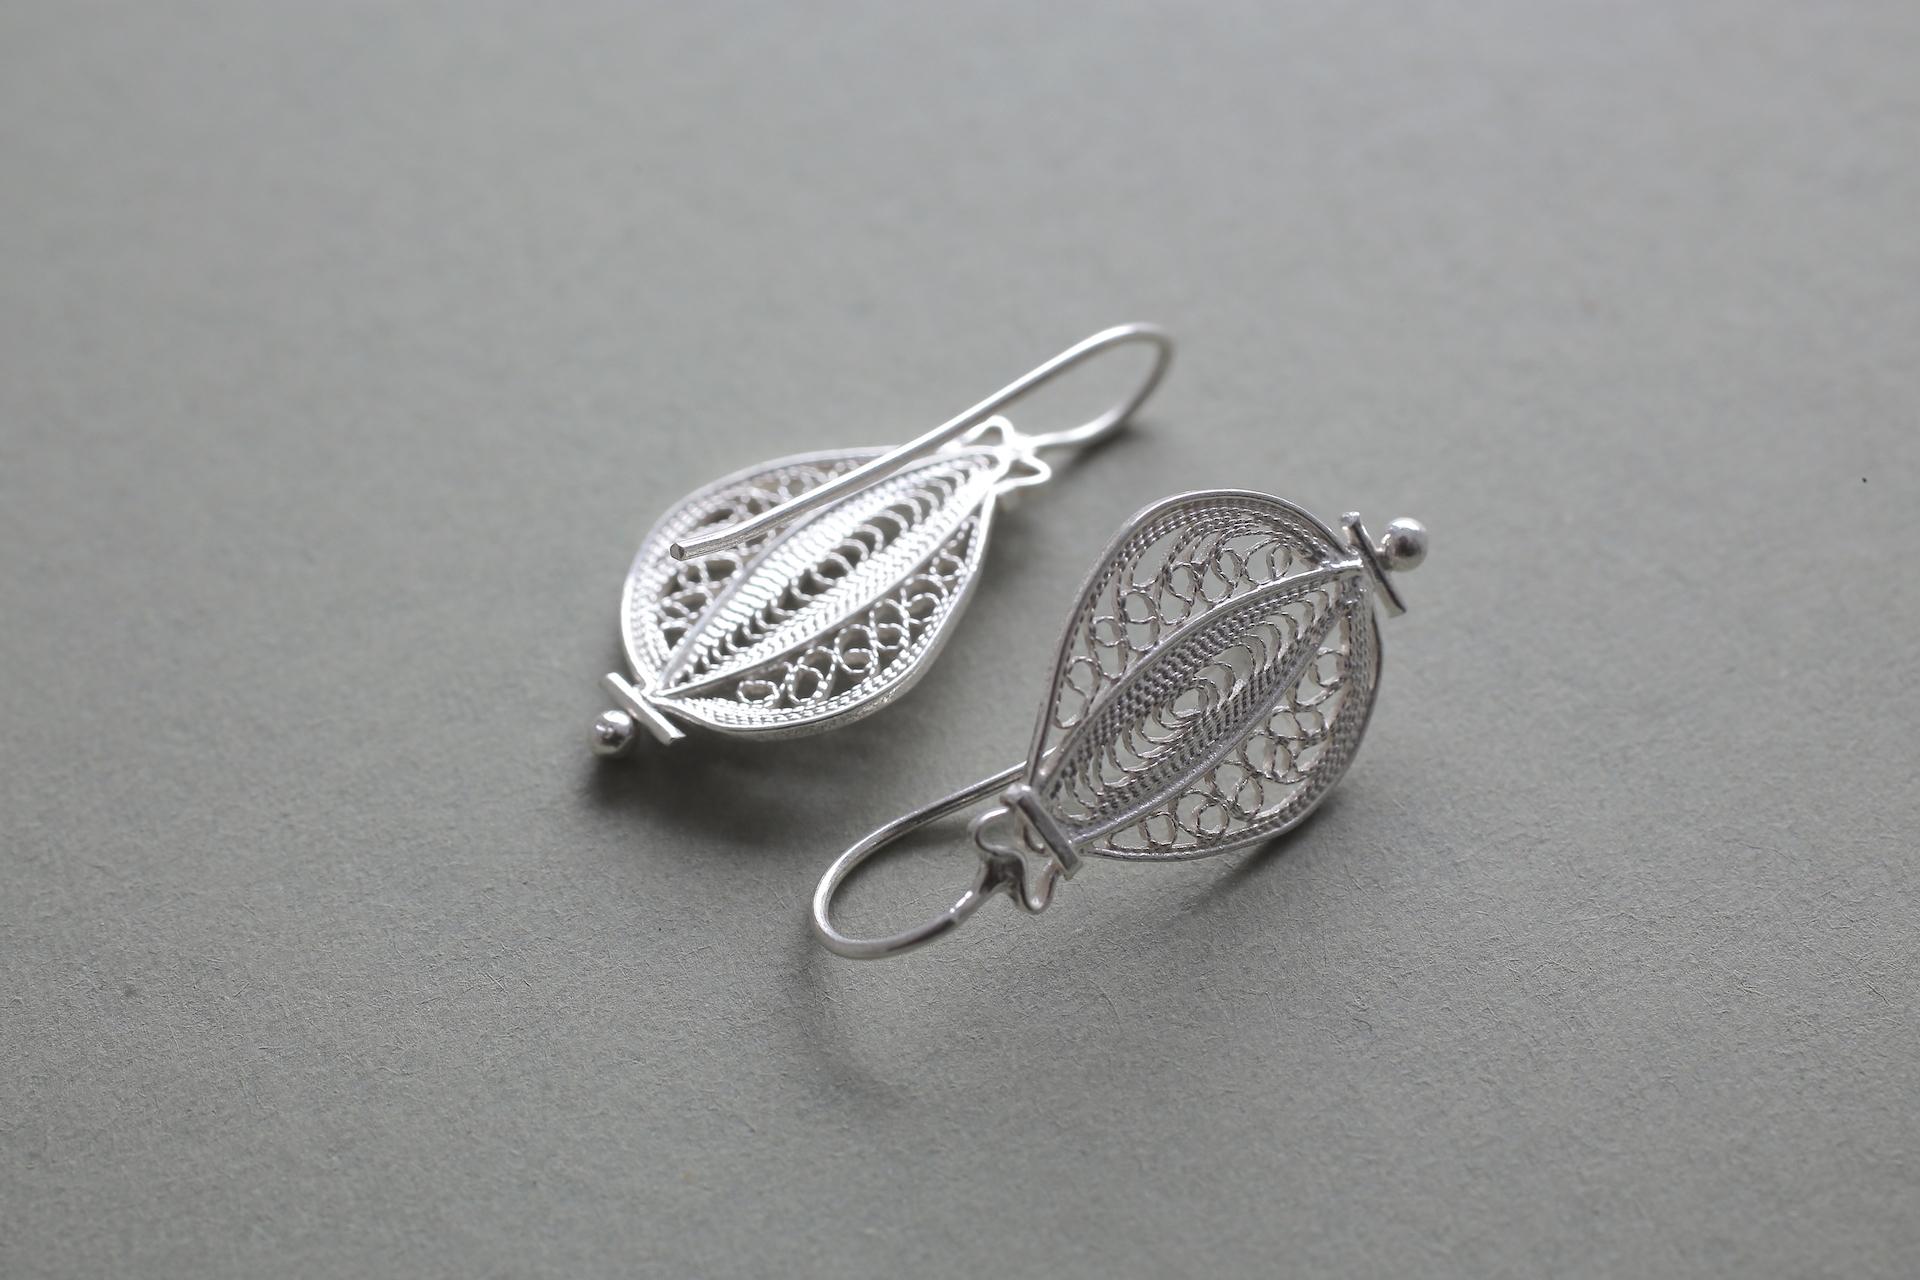 Suzuna(菘) - Earrings / Silver